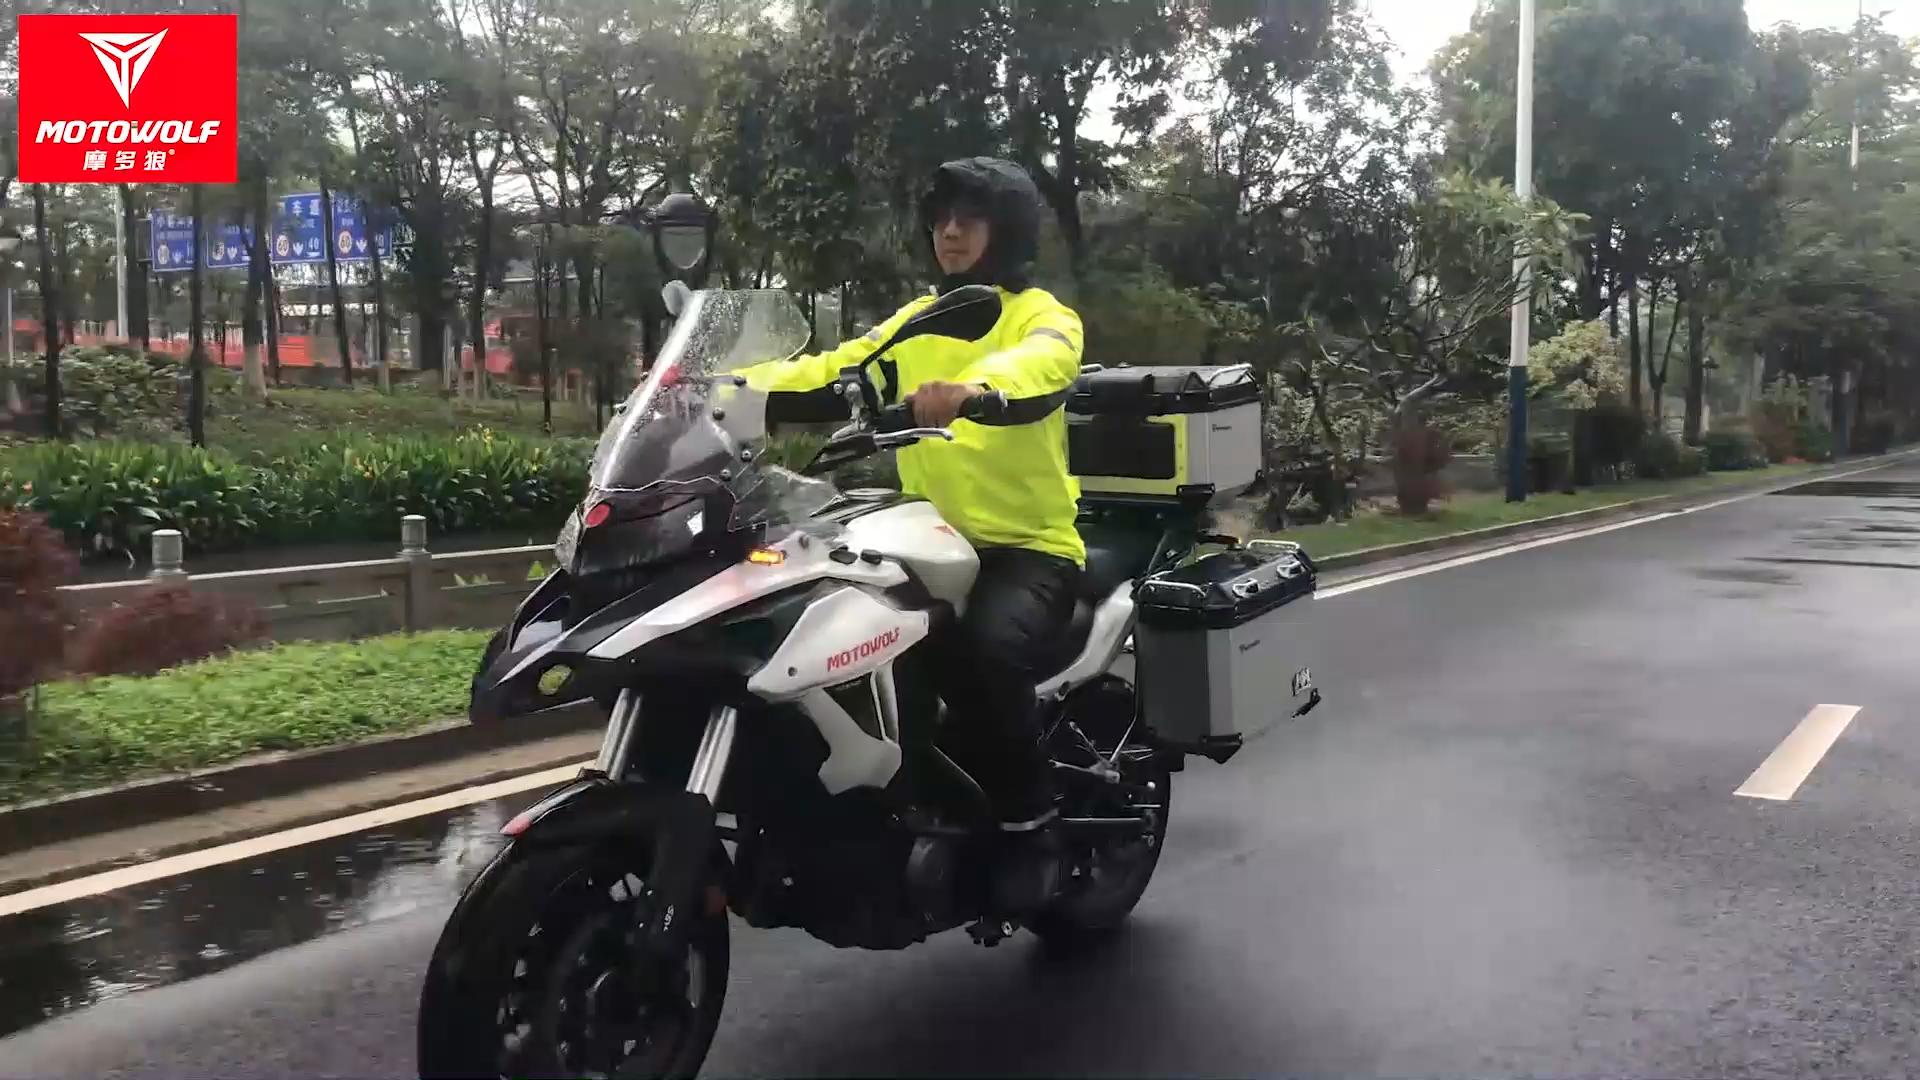 MOTOWOLF Jaune Mince Traje Imperméable Réfléchissante Manteaux de Pluie Moto Proof Combinaison De Pluie avec Capuche